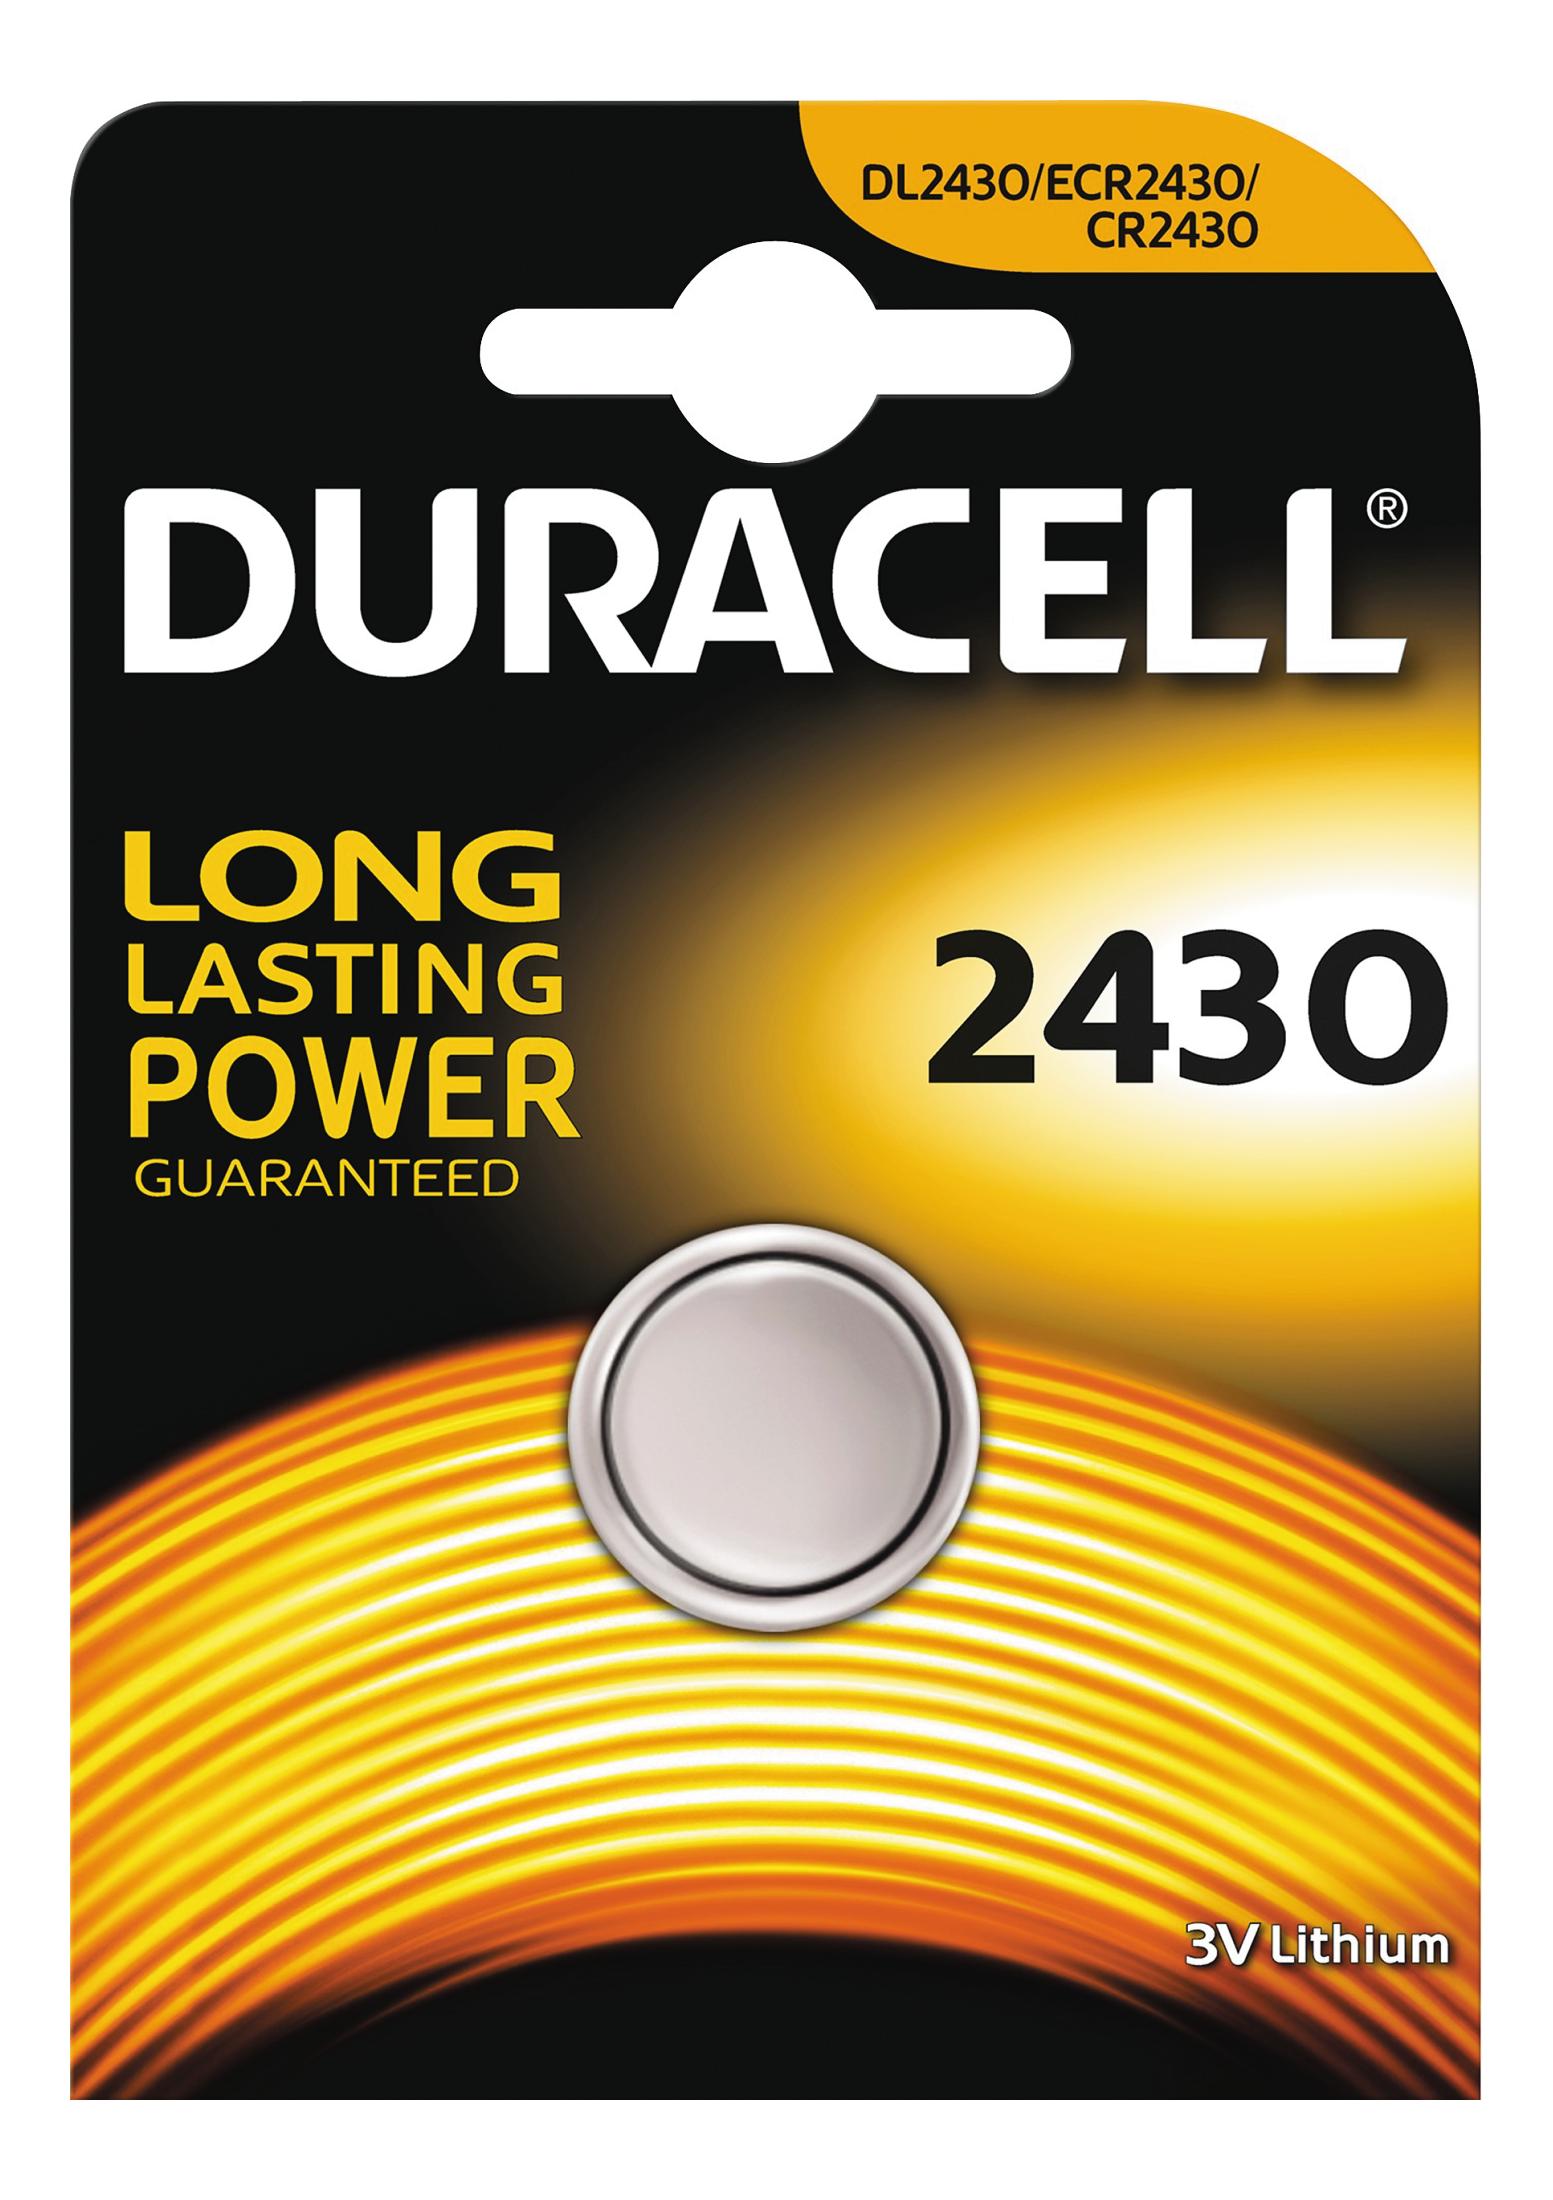 Duracell knappcellsbatteri, CR 2430, Lithium, 3V, 1-pack thumbnail